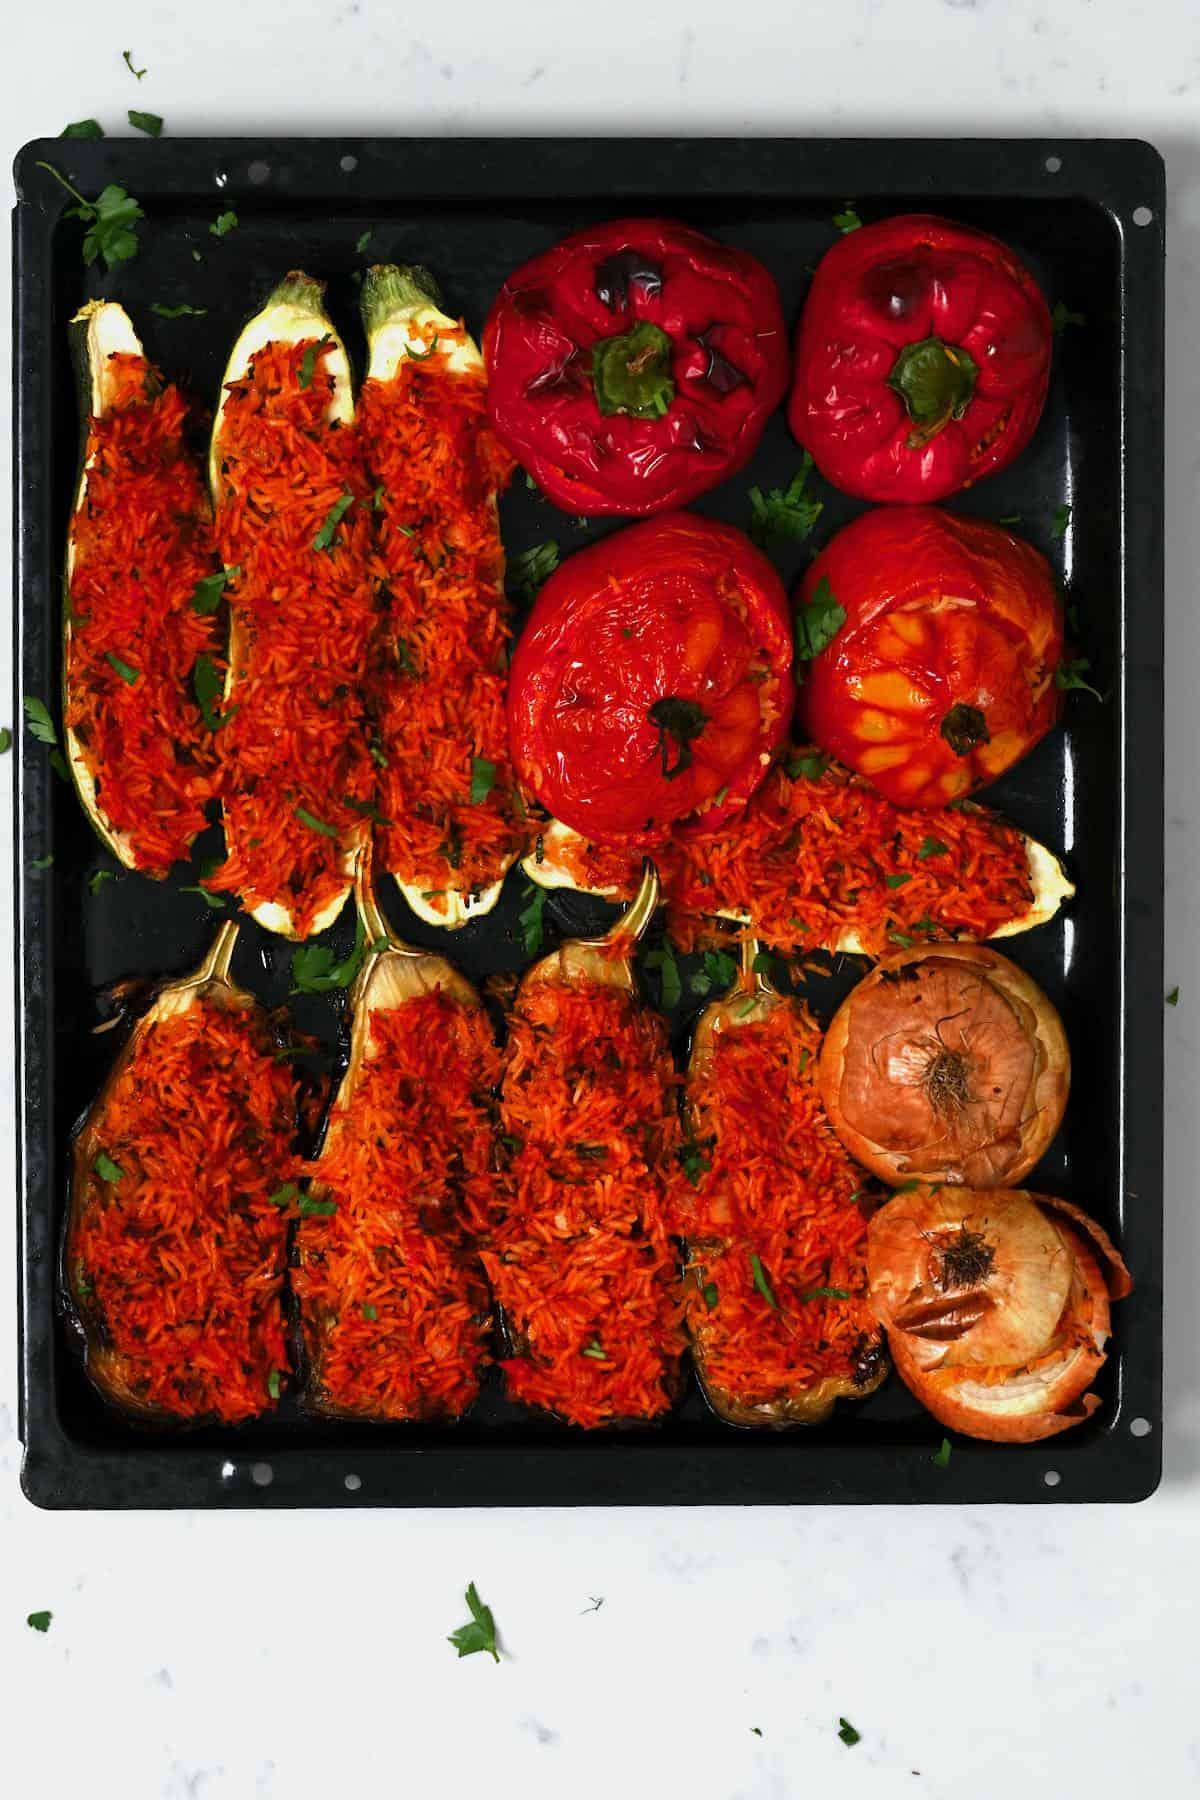 Mixed stuffed veggies on a tray